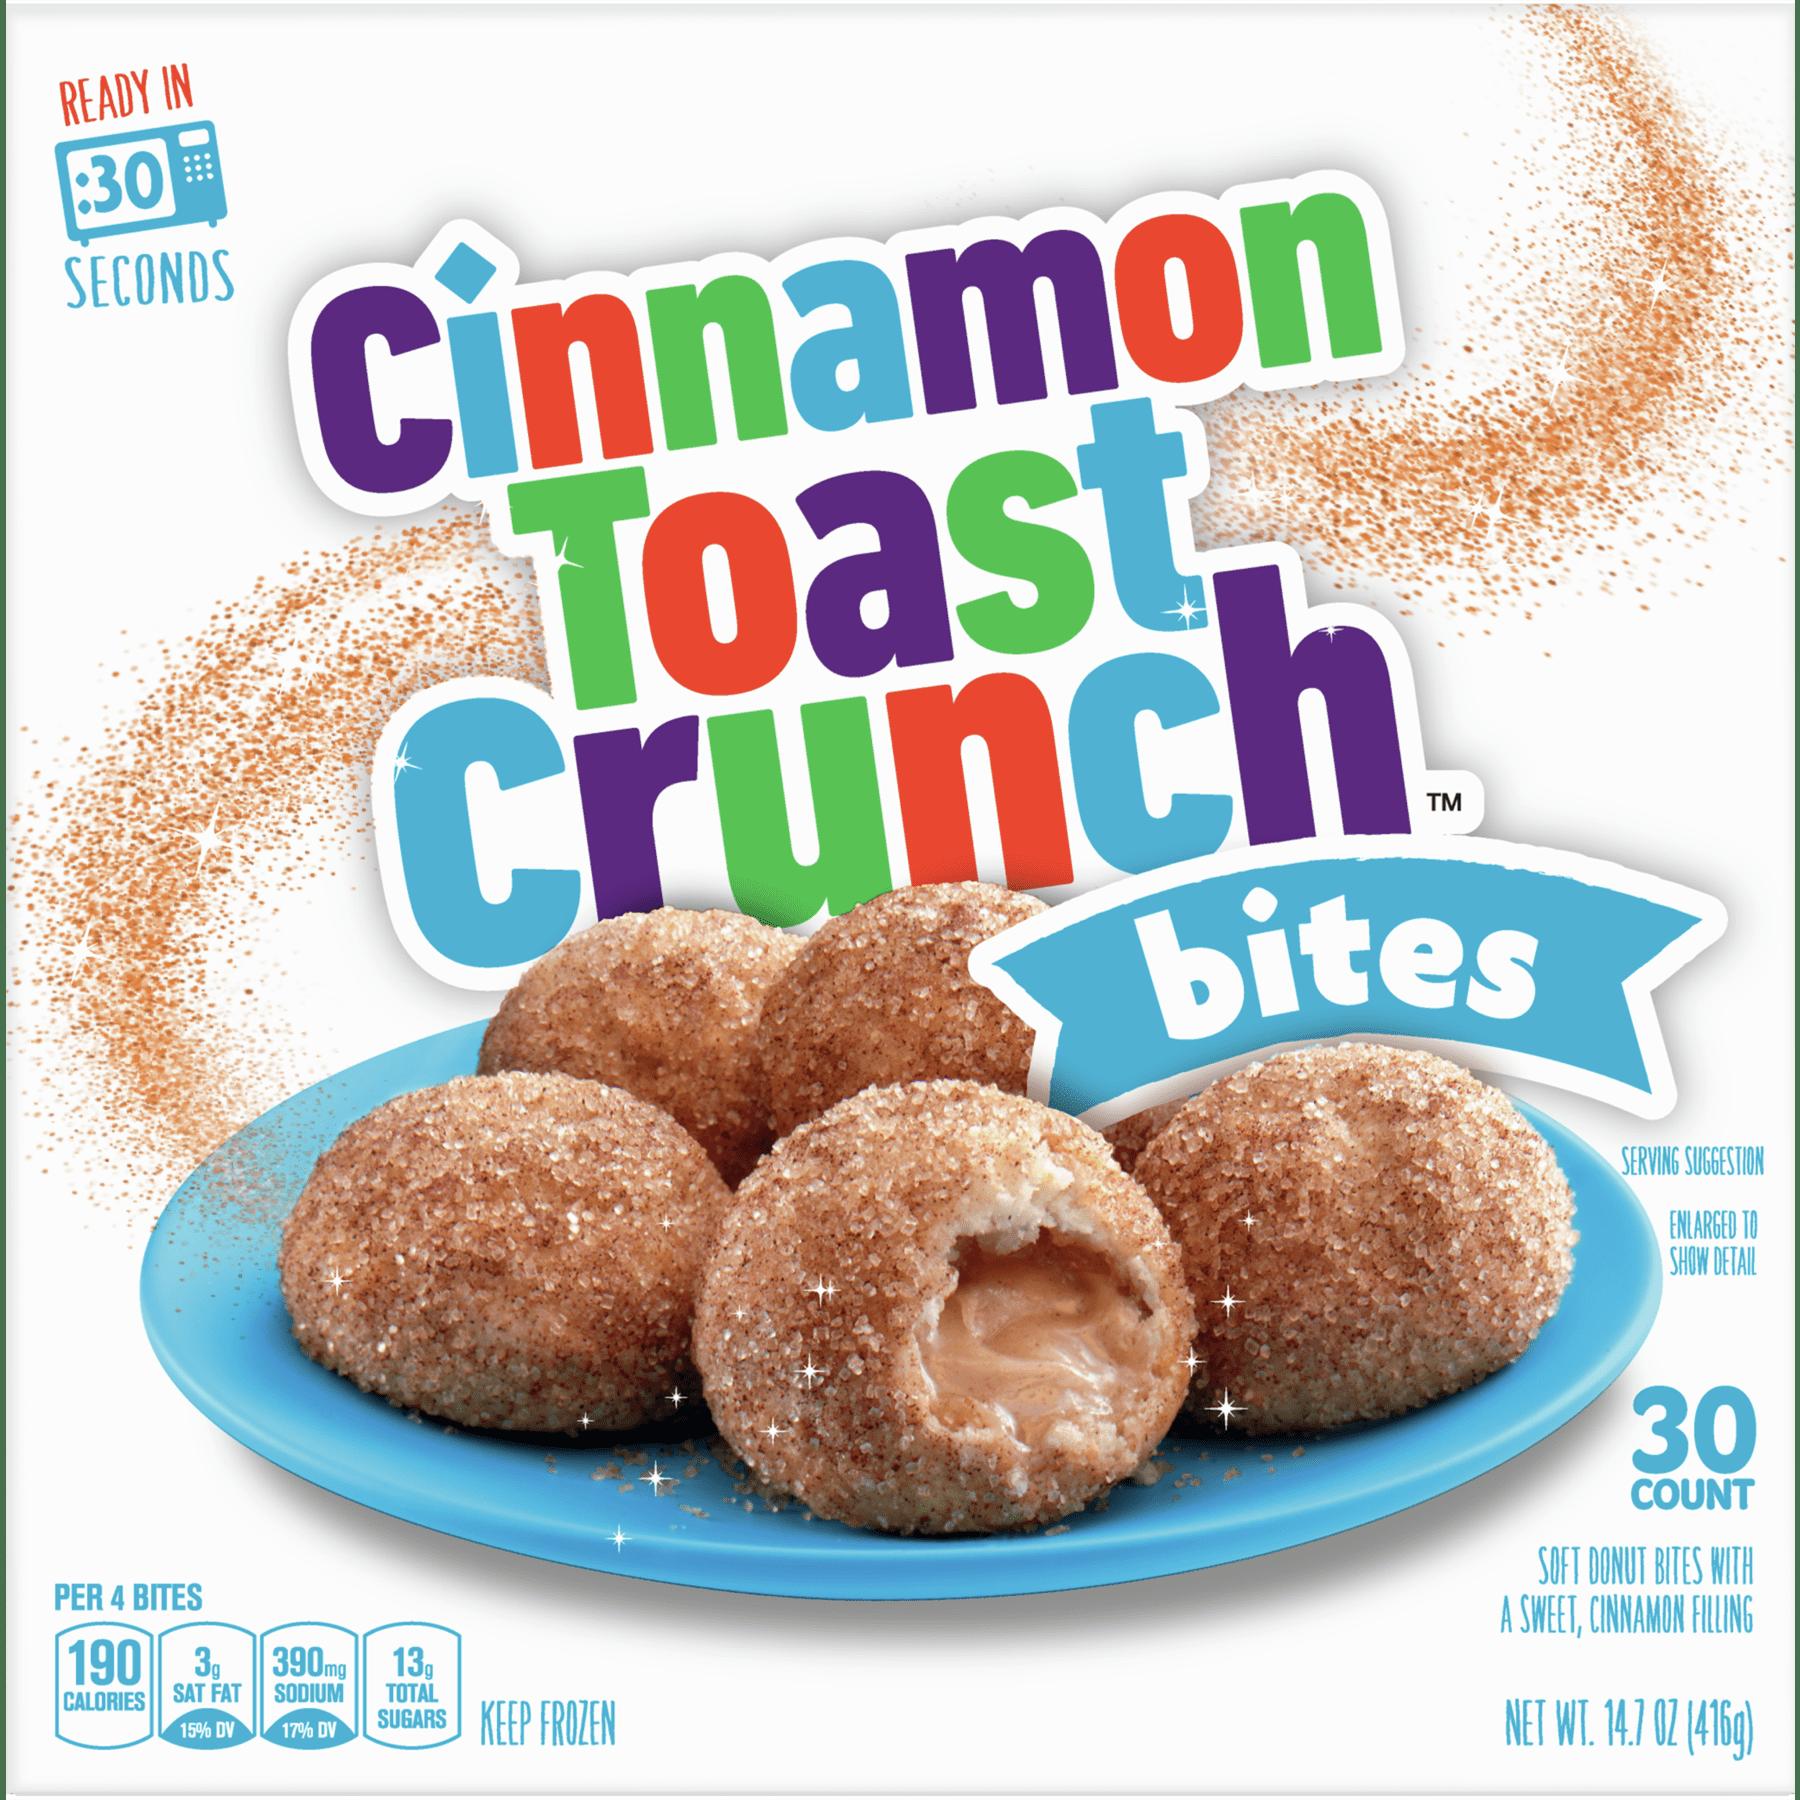 Cinnamon Toast Crunch Microwaveable